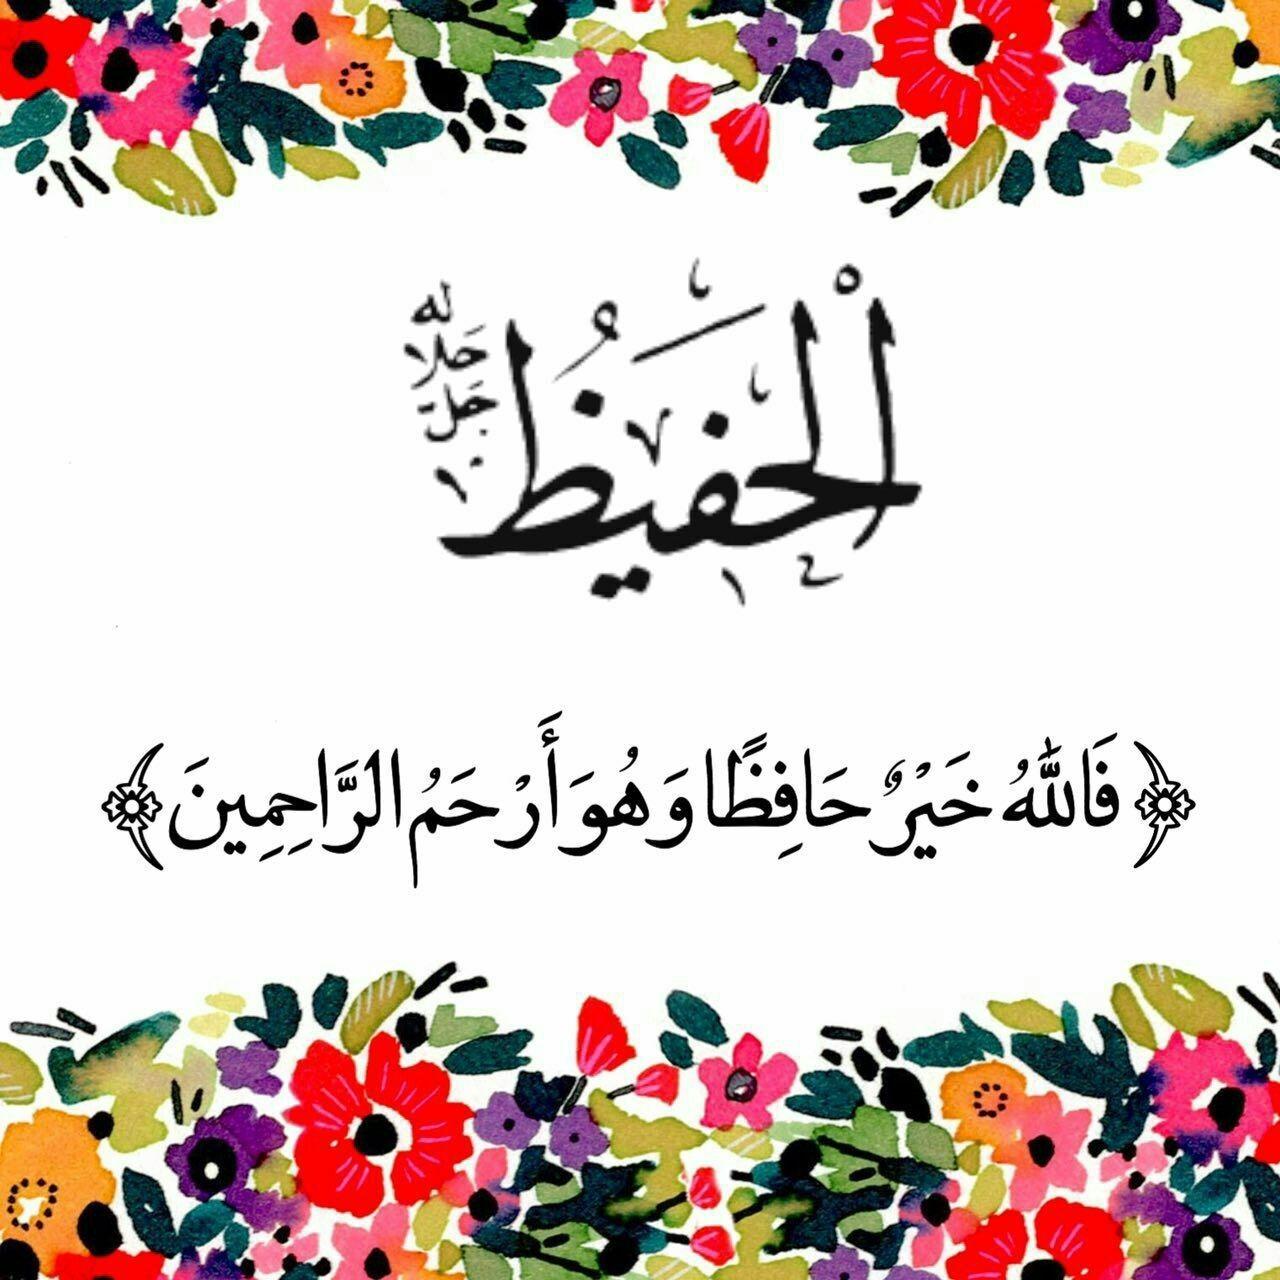 الحفيظ Islamic Calligraphy Painting Islamic Calligraphy Islamic Quotes Quran